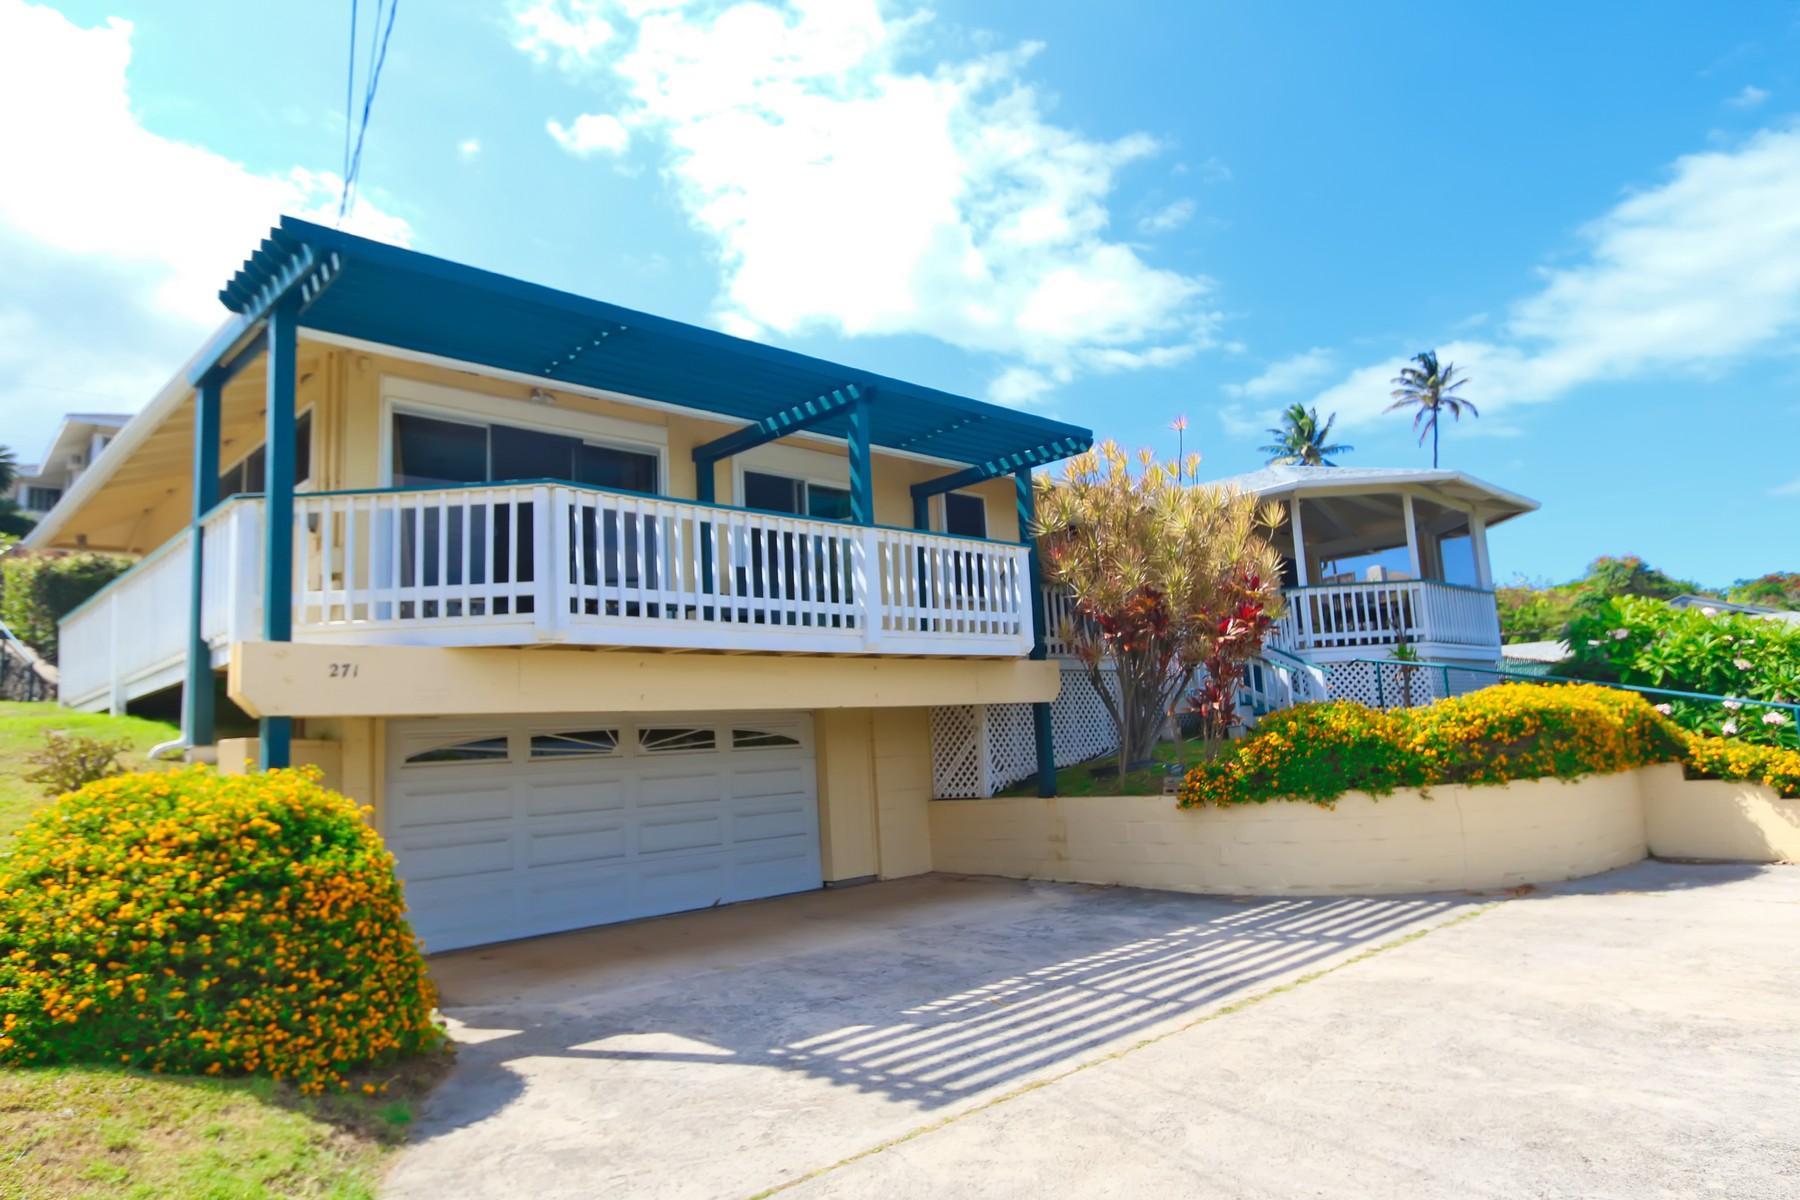 一戸建て のために 売買 アット Ocean View Updated Mid Century Wailuku Residence 271 Liholiho St Wailuku, ハワイ 96790 アメリカ合衆国